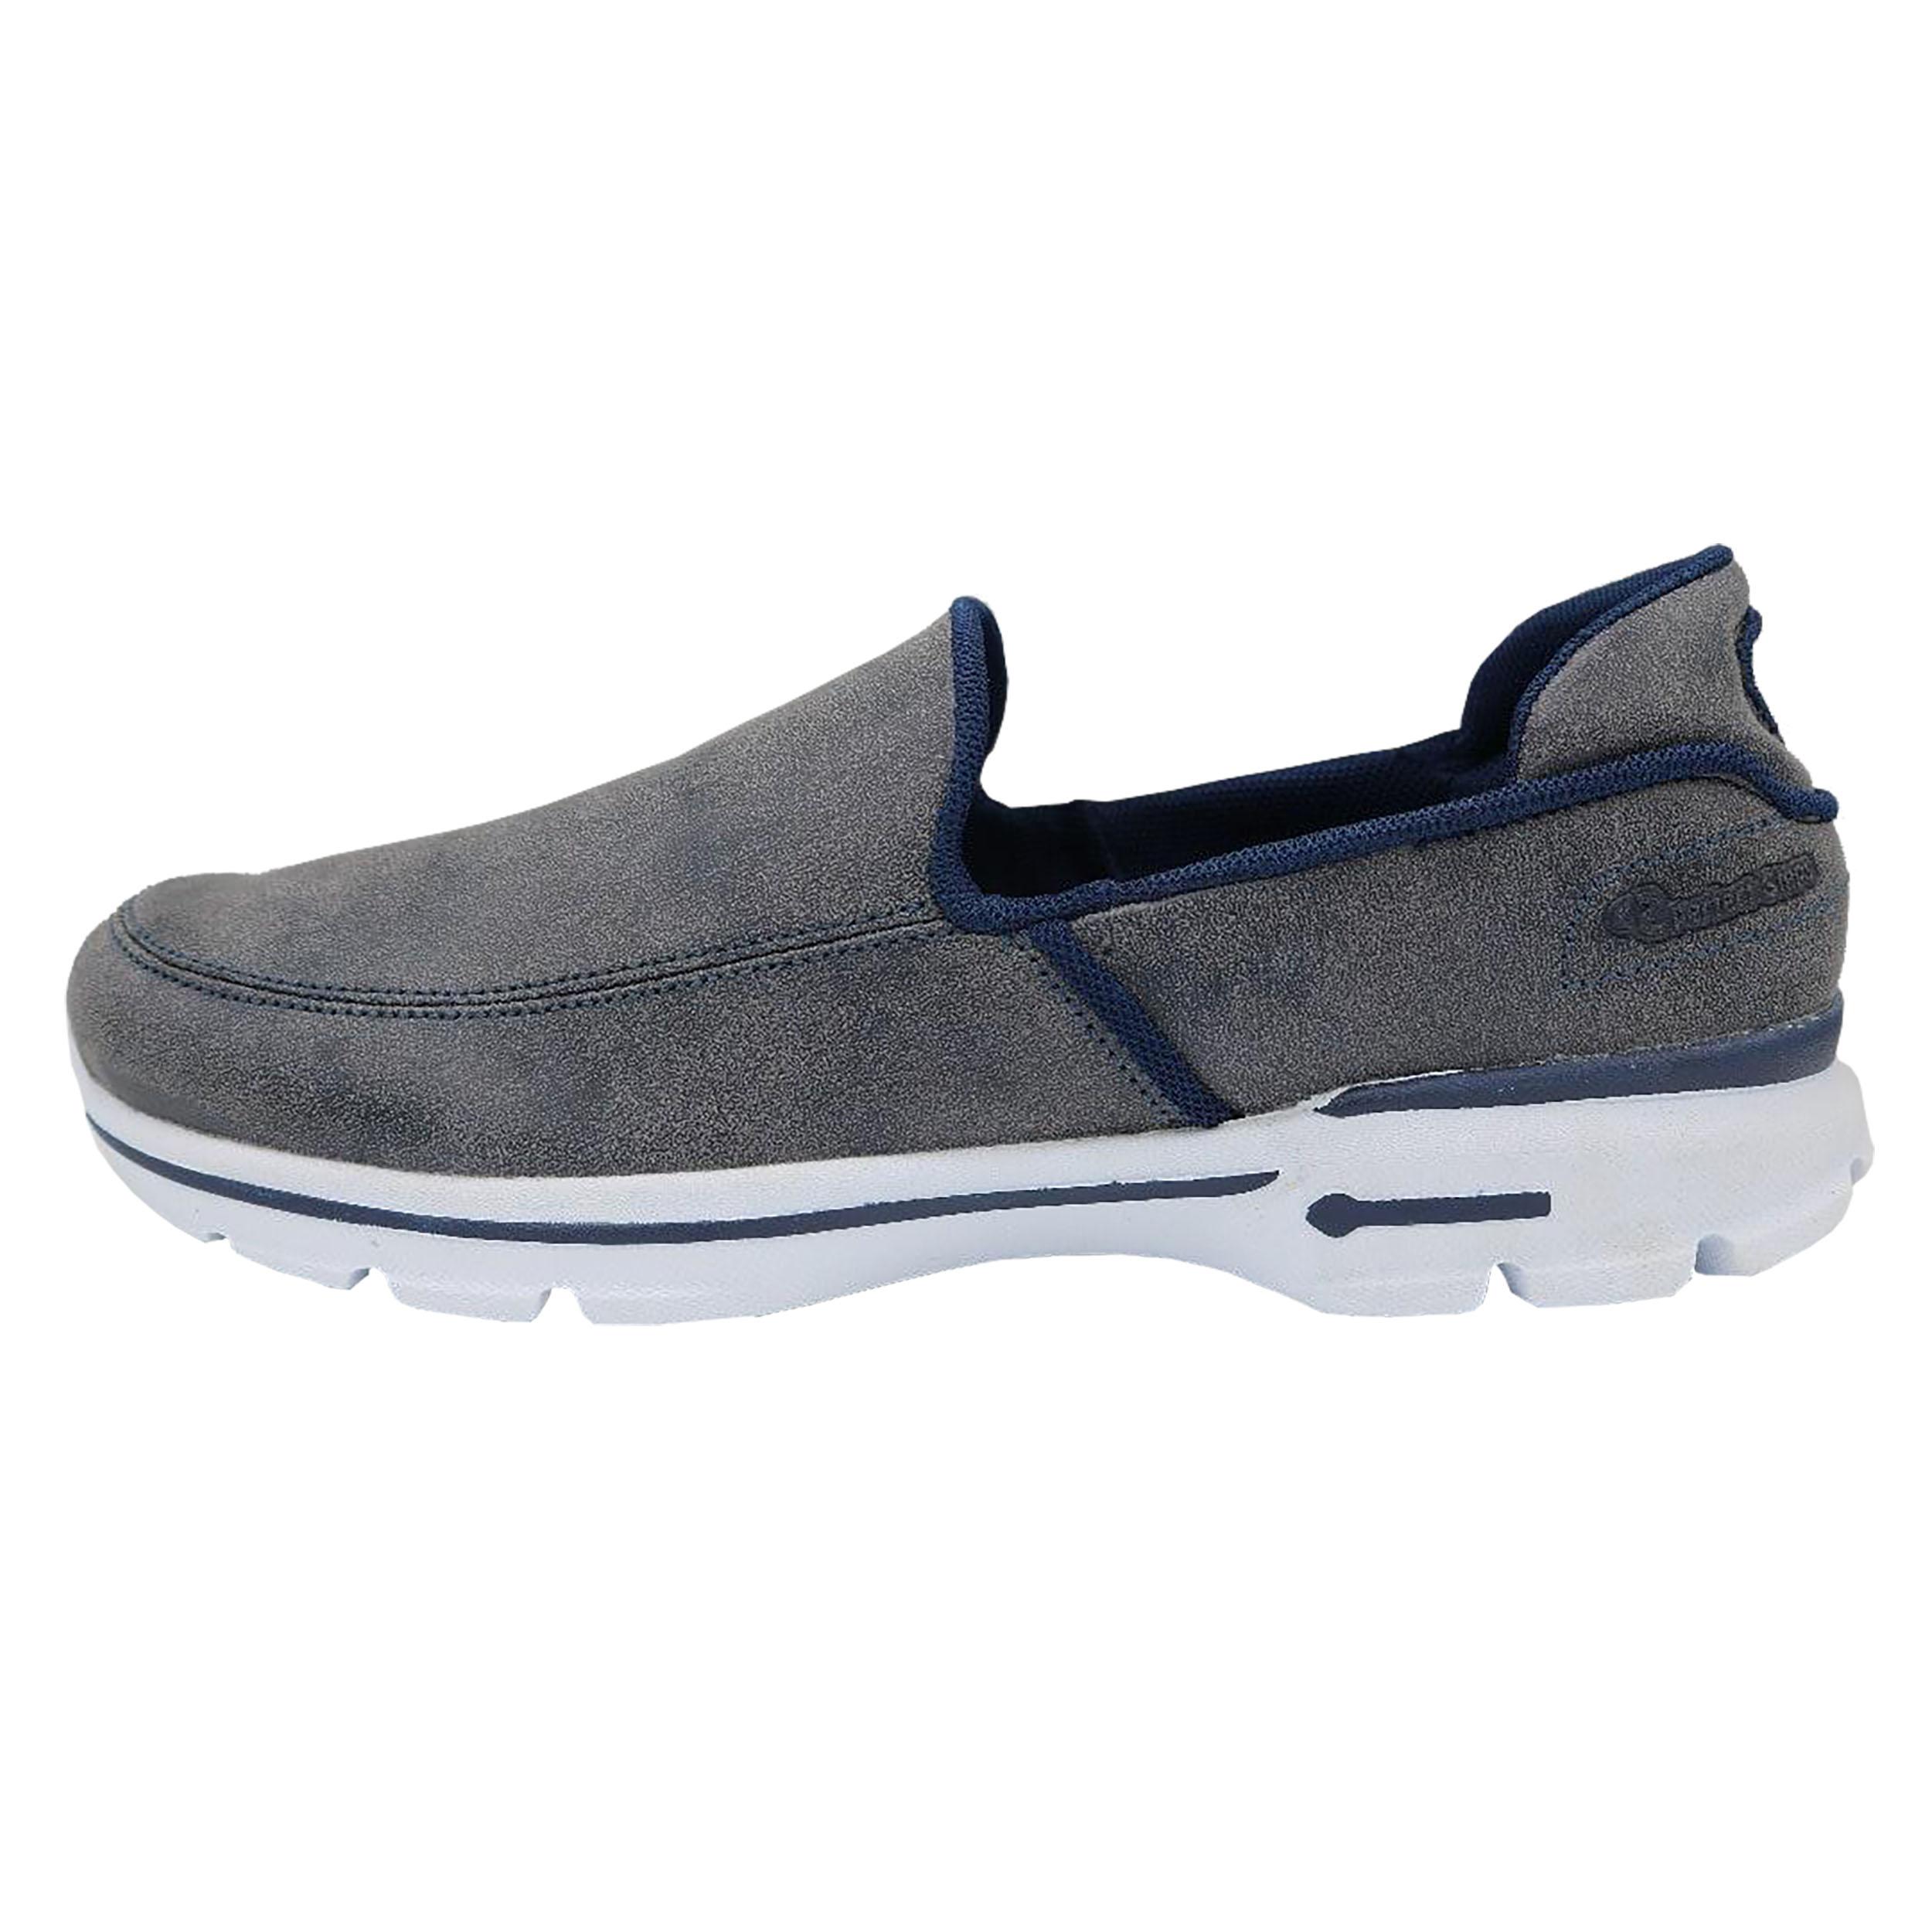 کفش پیاده روی مردانه پرفکت استپس مدل الگانت رنگ سرمه ای